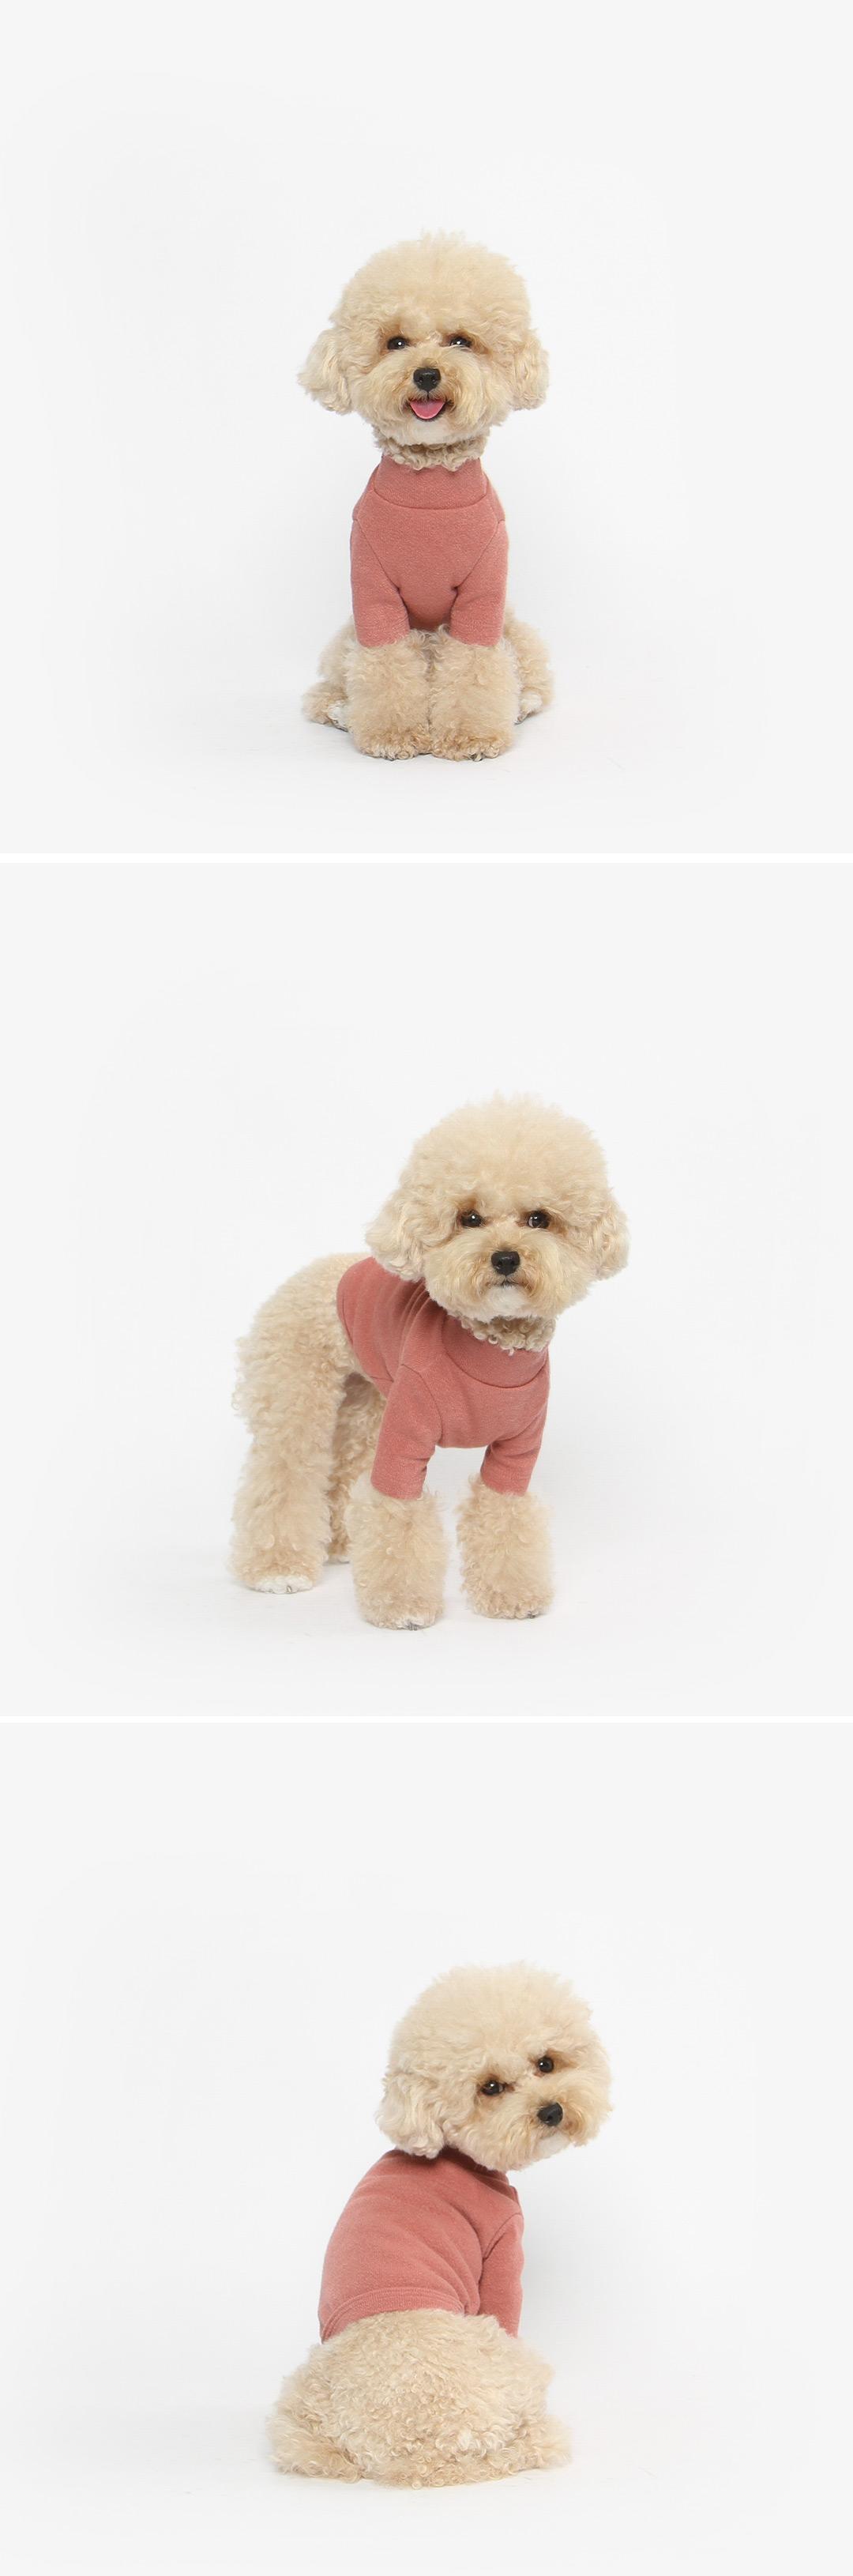 강아지 크롭 목폴라 티셔츠 겨울옷 (버건디) - 투스투스, 17,500원, 의류/액세서리, 의류